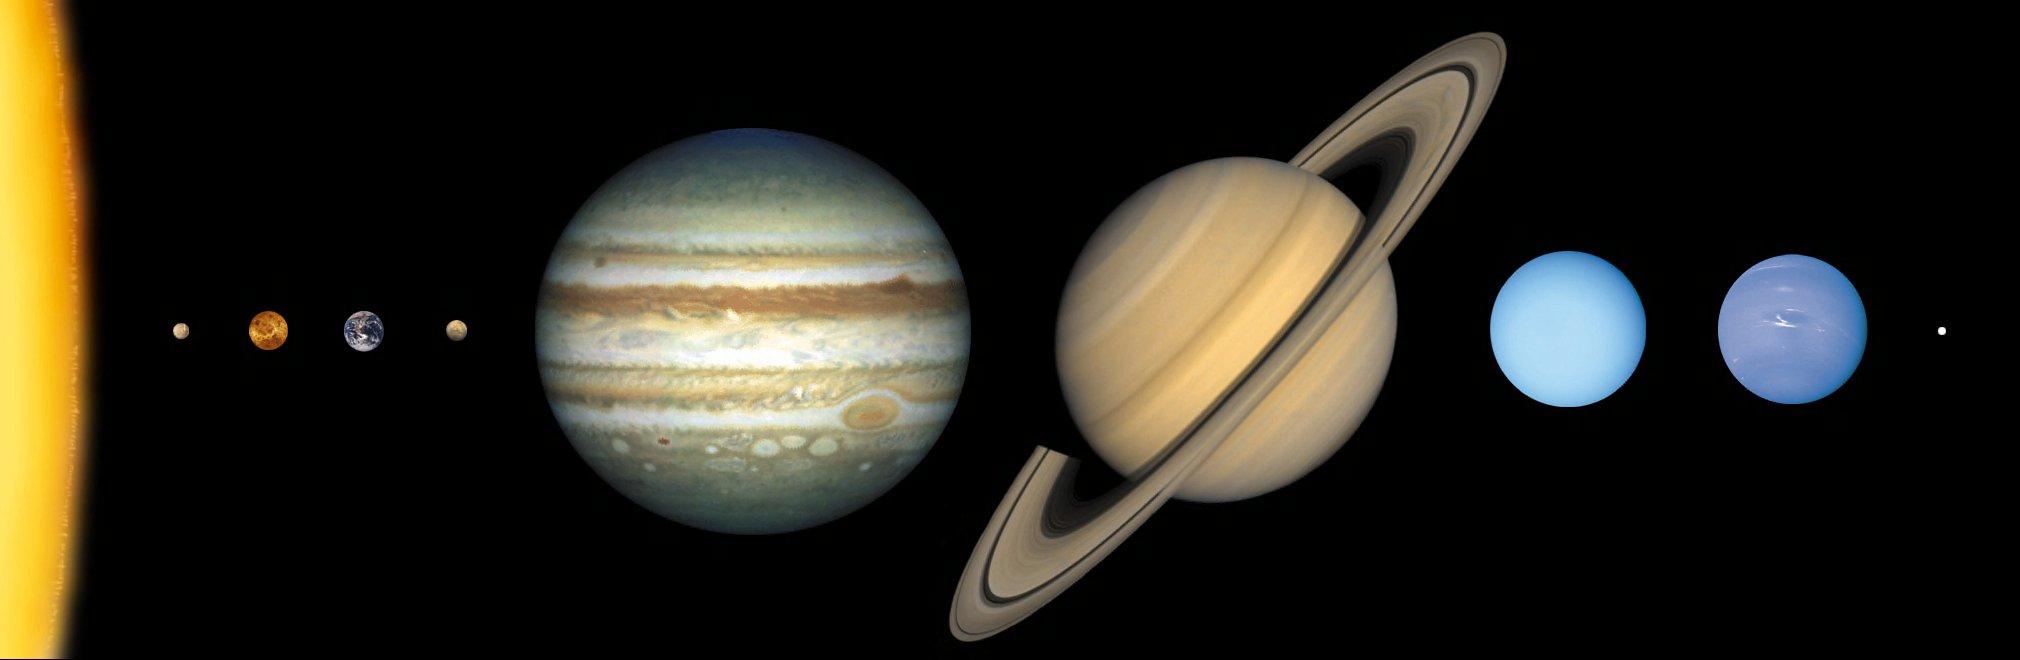 nasa solar system portrait - photo #23